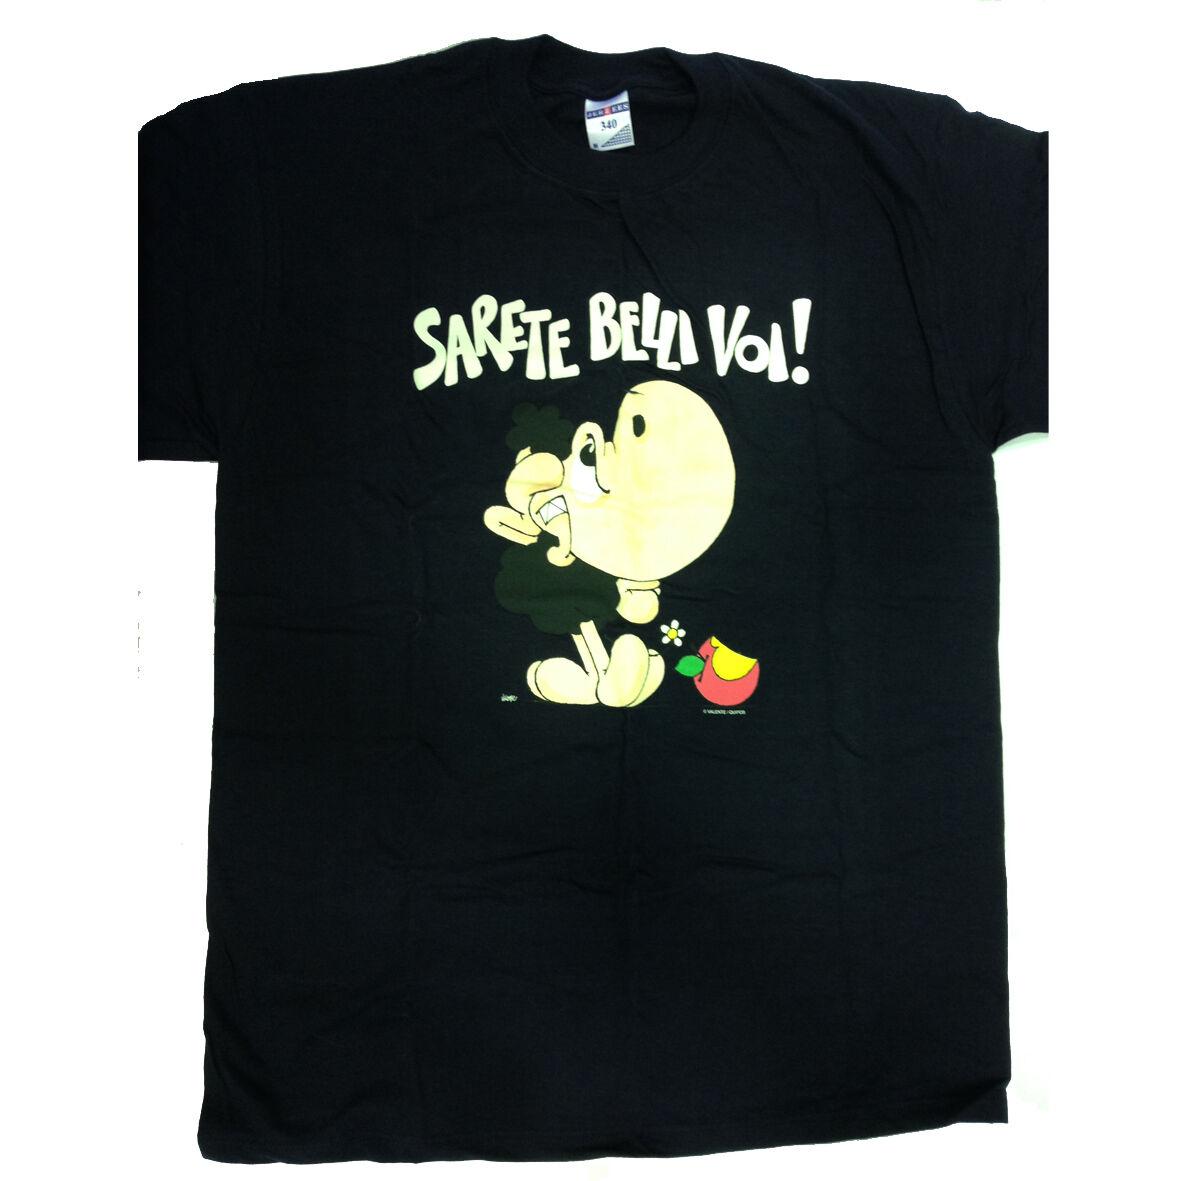 T-shirt umoristiche PECORA NERA 100% cotone blu SARETE BELLI VOI